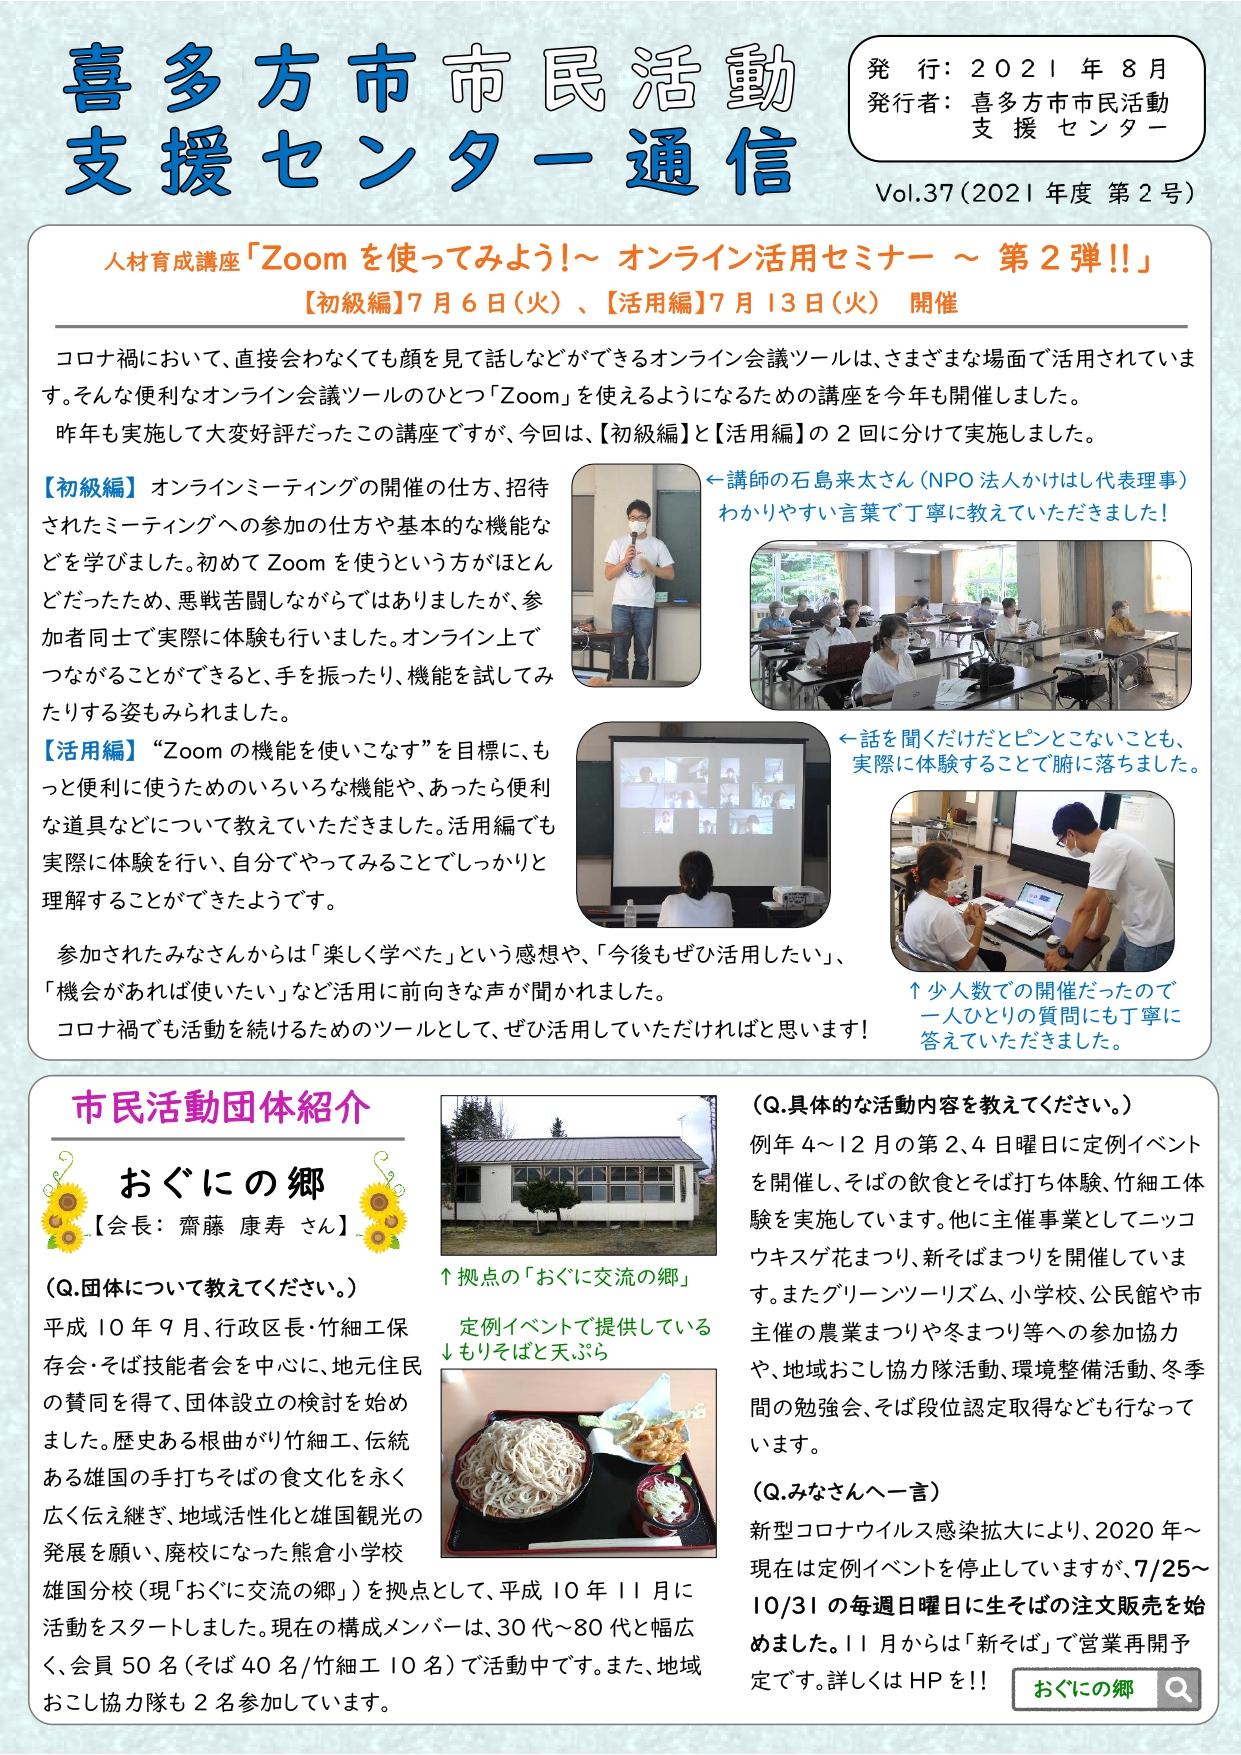 喜多方市市民活動支援センター通信 2021年度第2号(Vol.37)